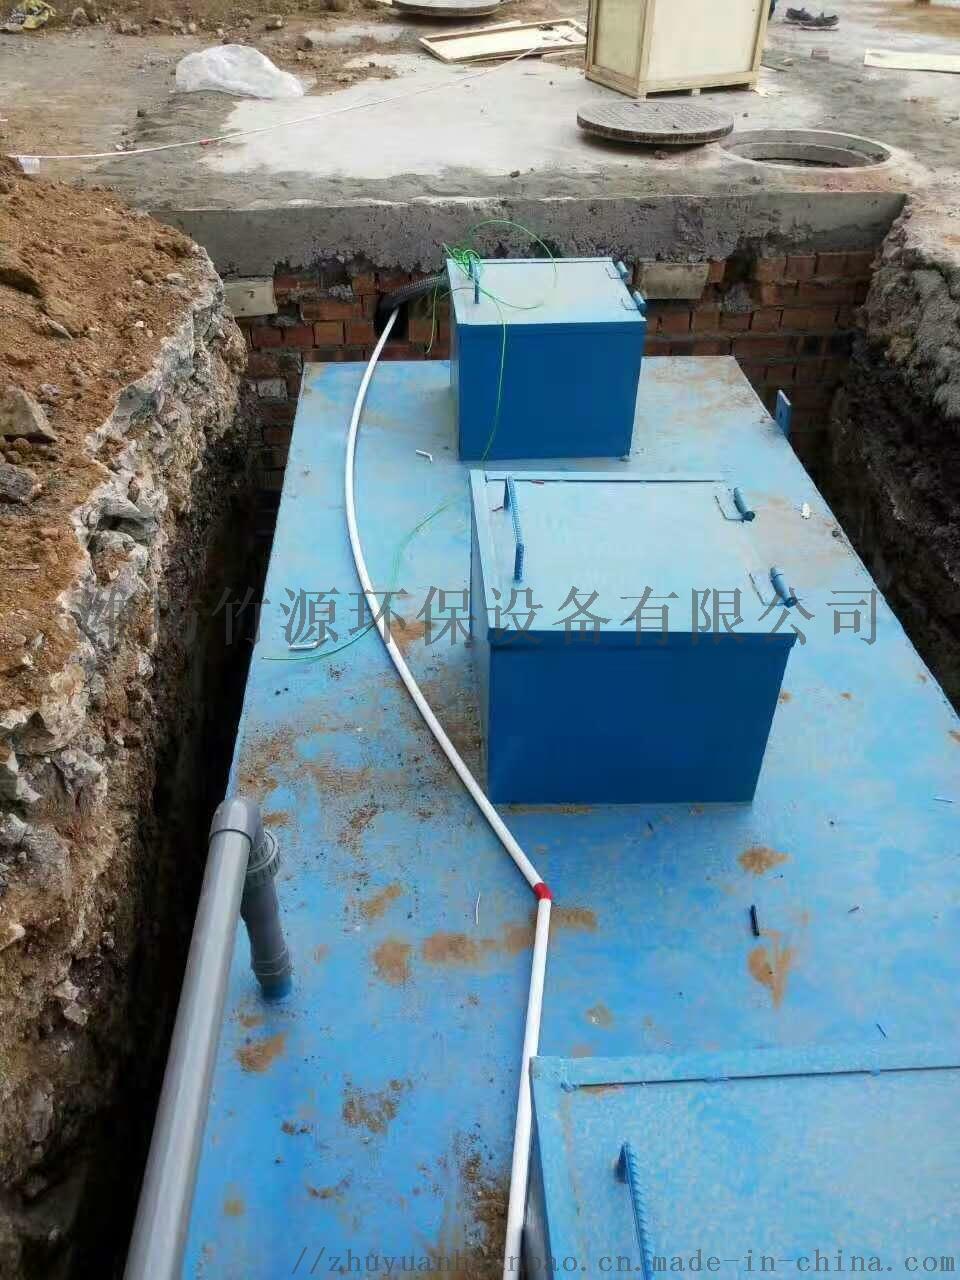 养猪场污水处理系统,气浮一体化设备达标方案-竹源847081802